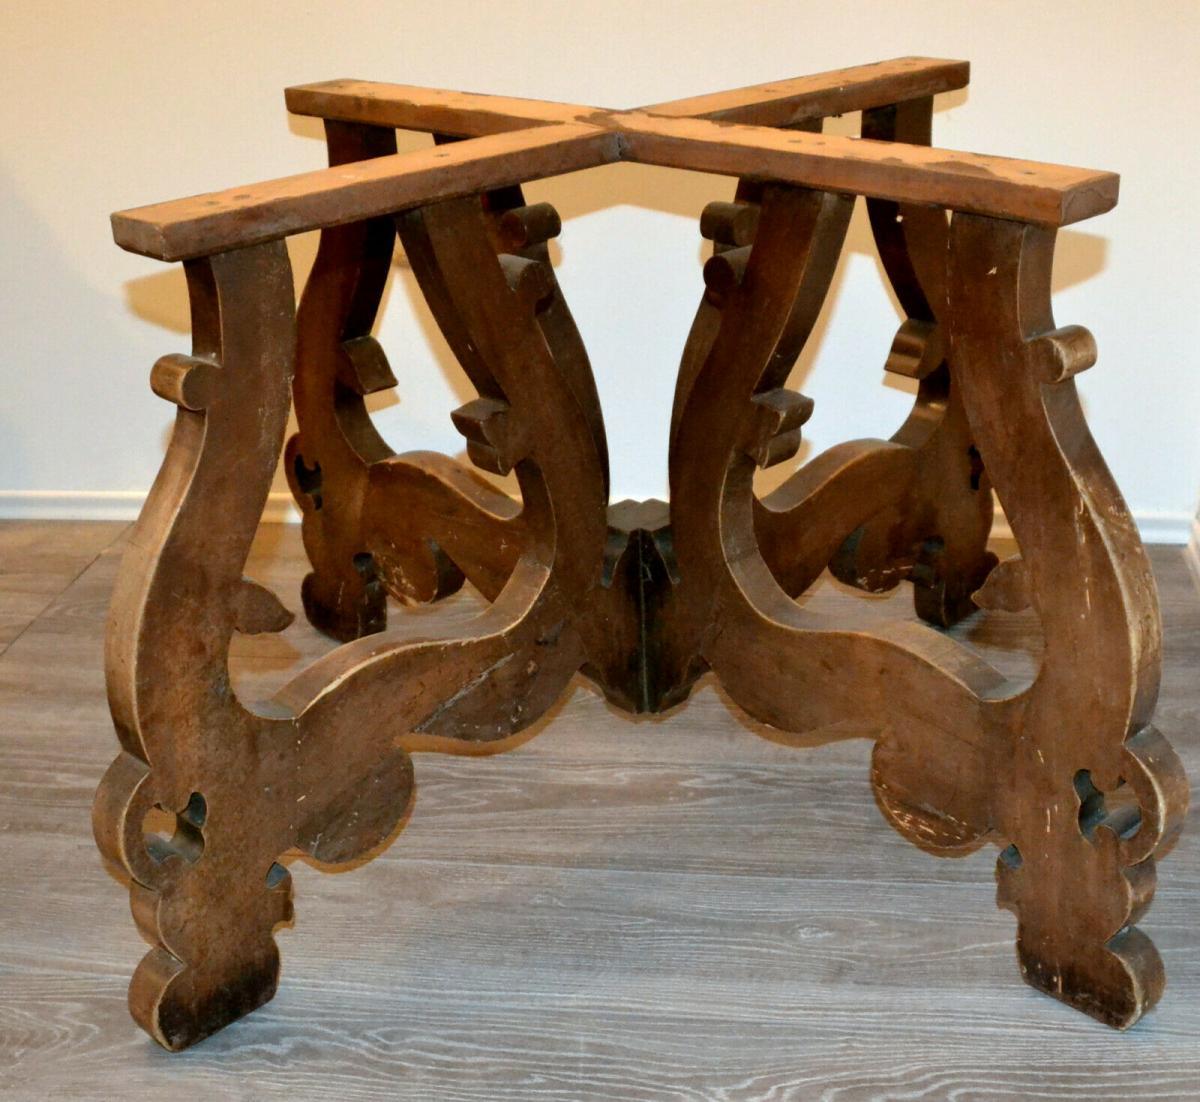 Möbel,runder Bauerntisch, alter Barockfuss, neue Platte,für Restaurator/Bastler 2